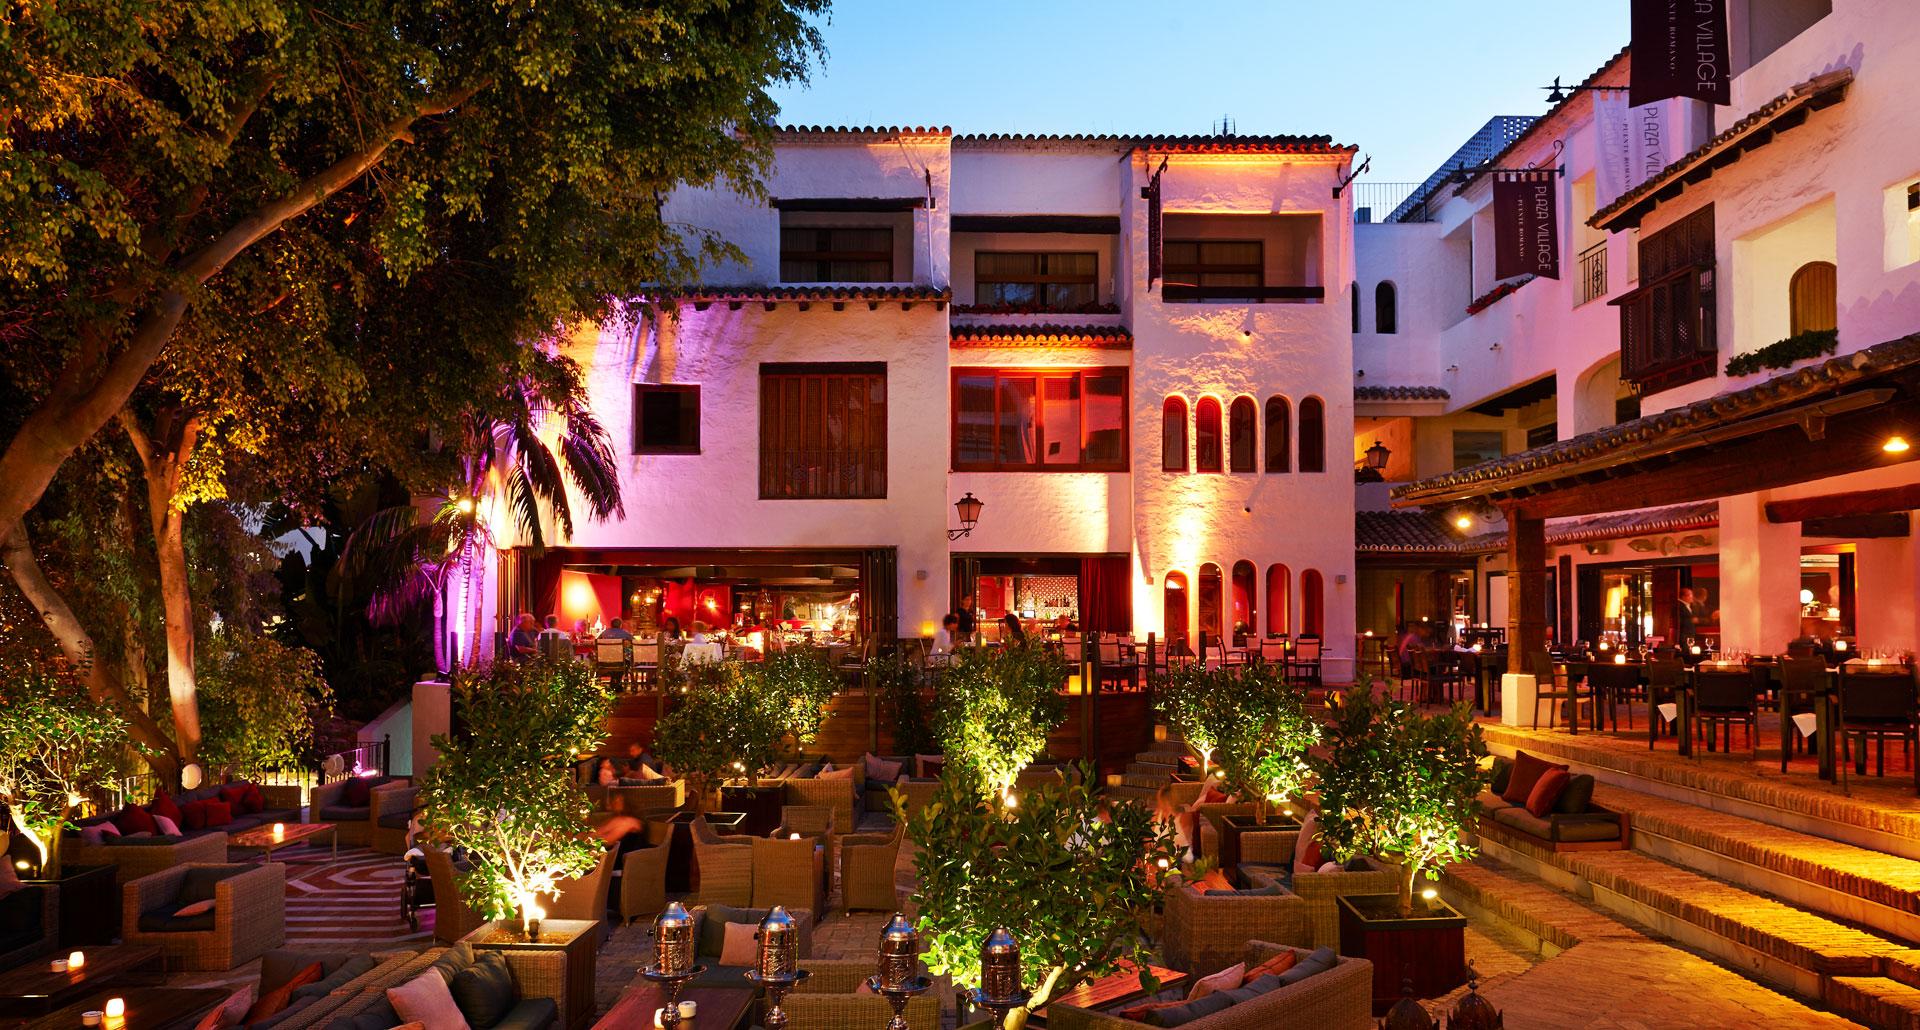 Puente ROMAno - boutique hotel in Marbella